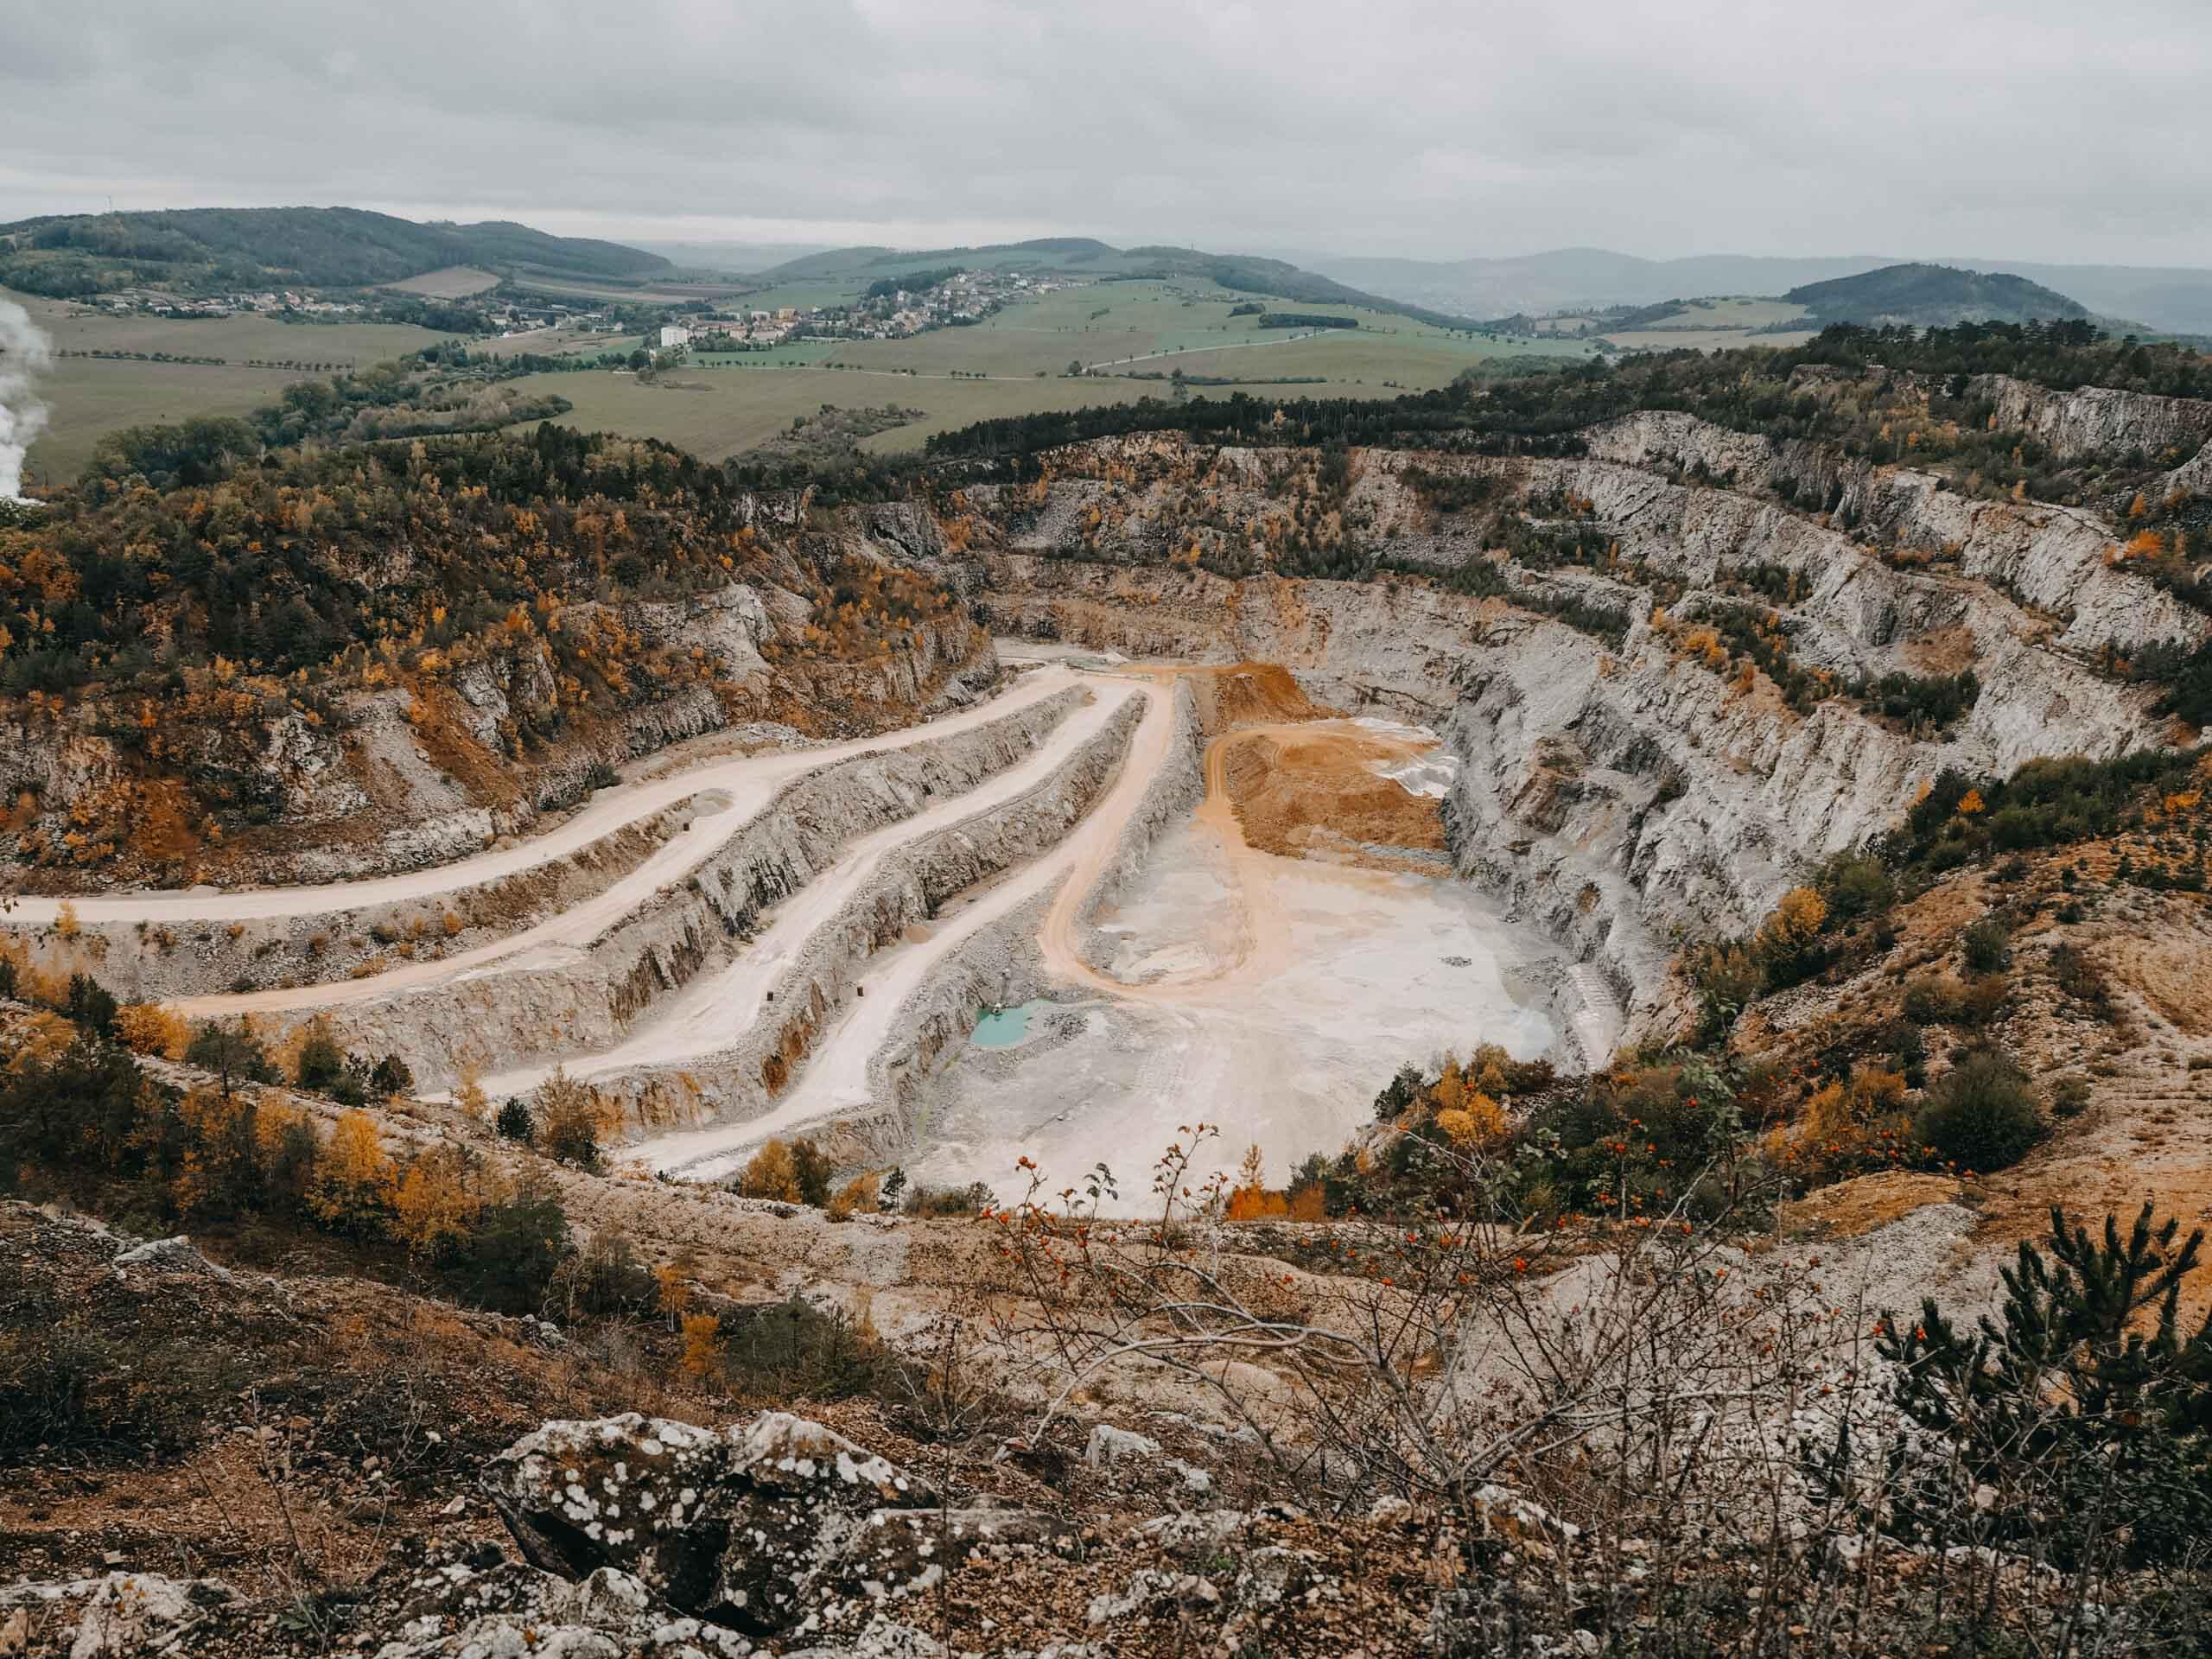 Podzimní procházky - Střední Čechy - Jiráci na cestách